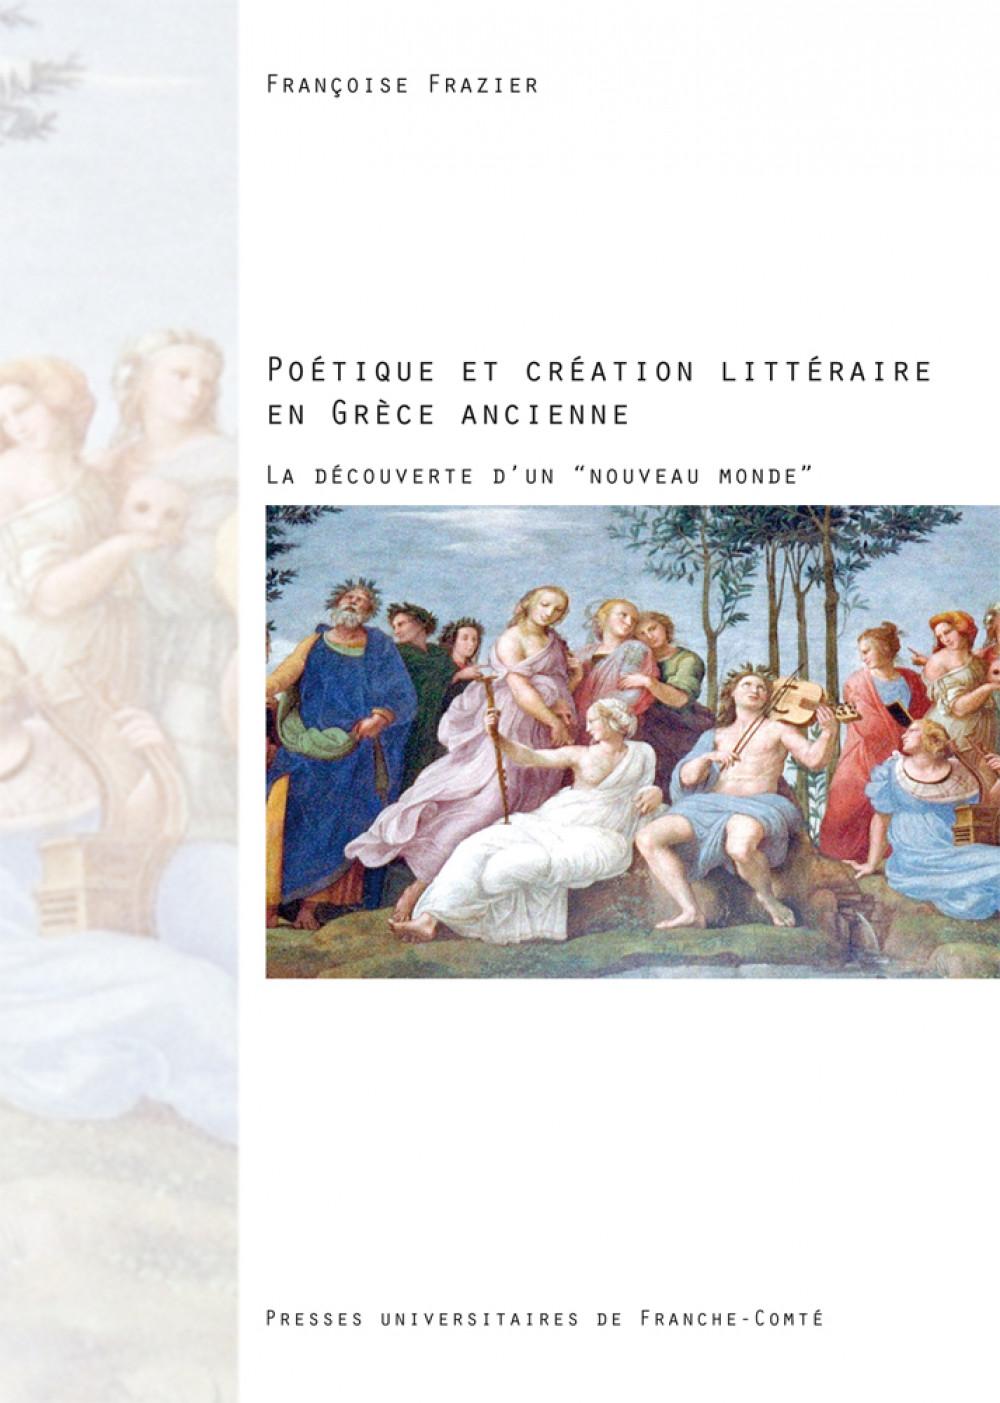 Poétique et création littéraire en Grèce ancienne